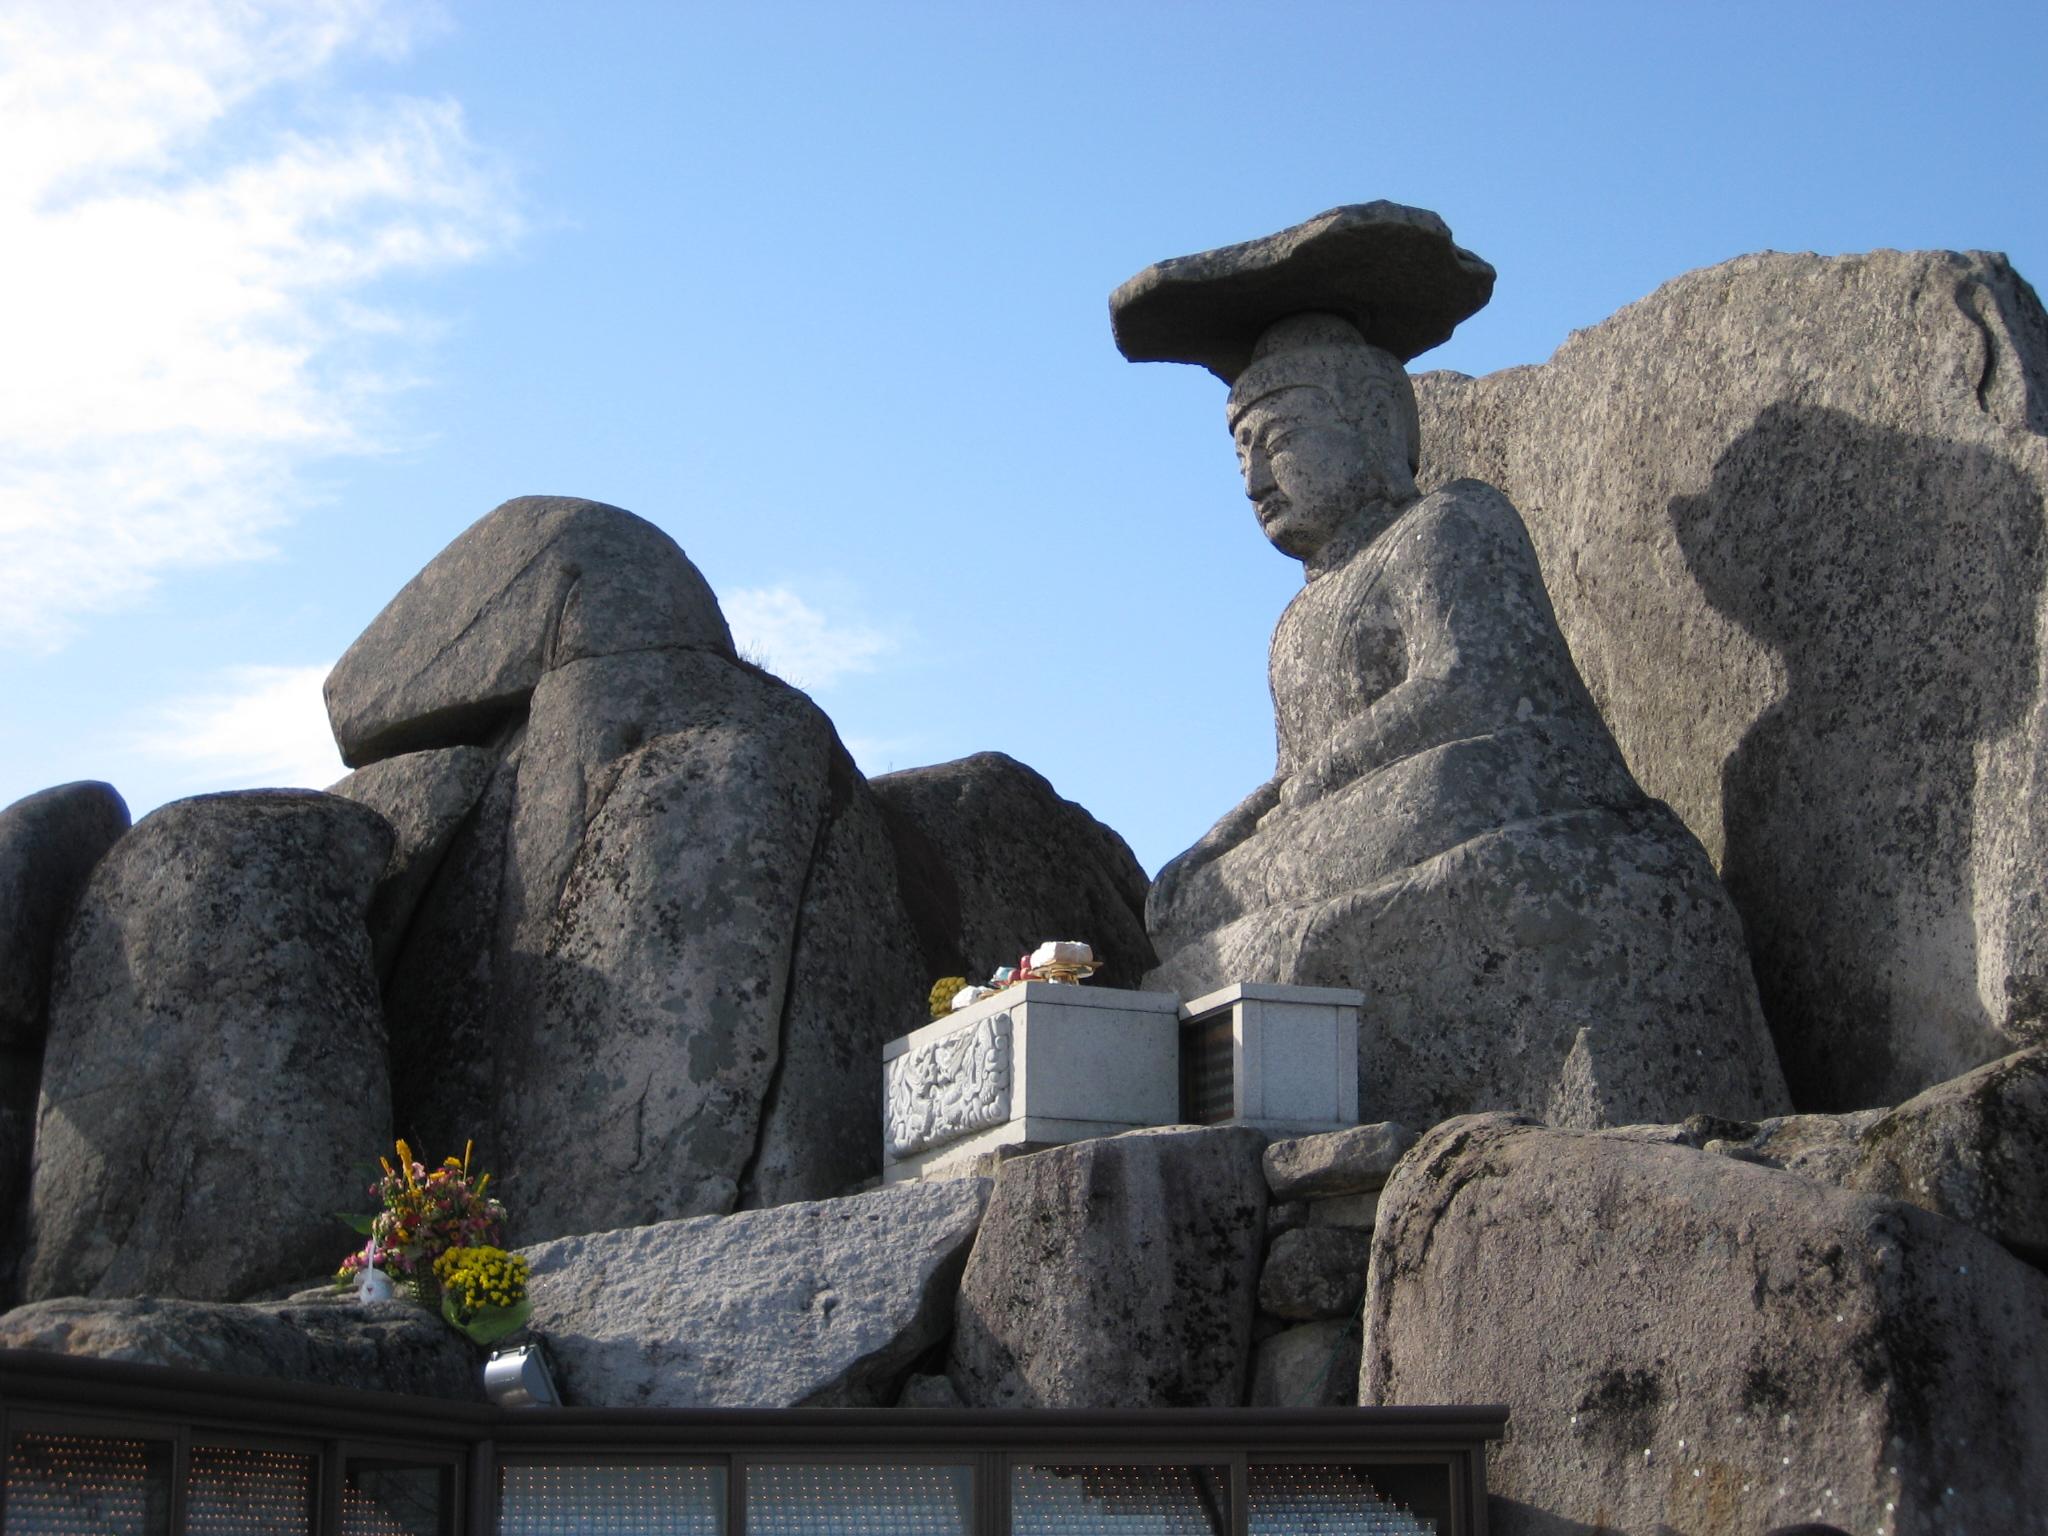 https://upload.wikimedia.org/wikipedia/commons/d/df/Gyeongsan_Gatbawi_Buddha.jpg